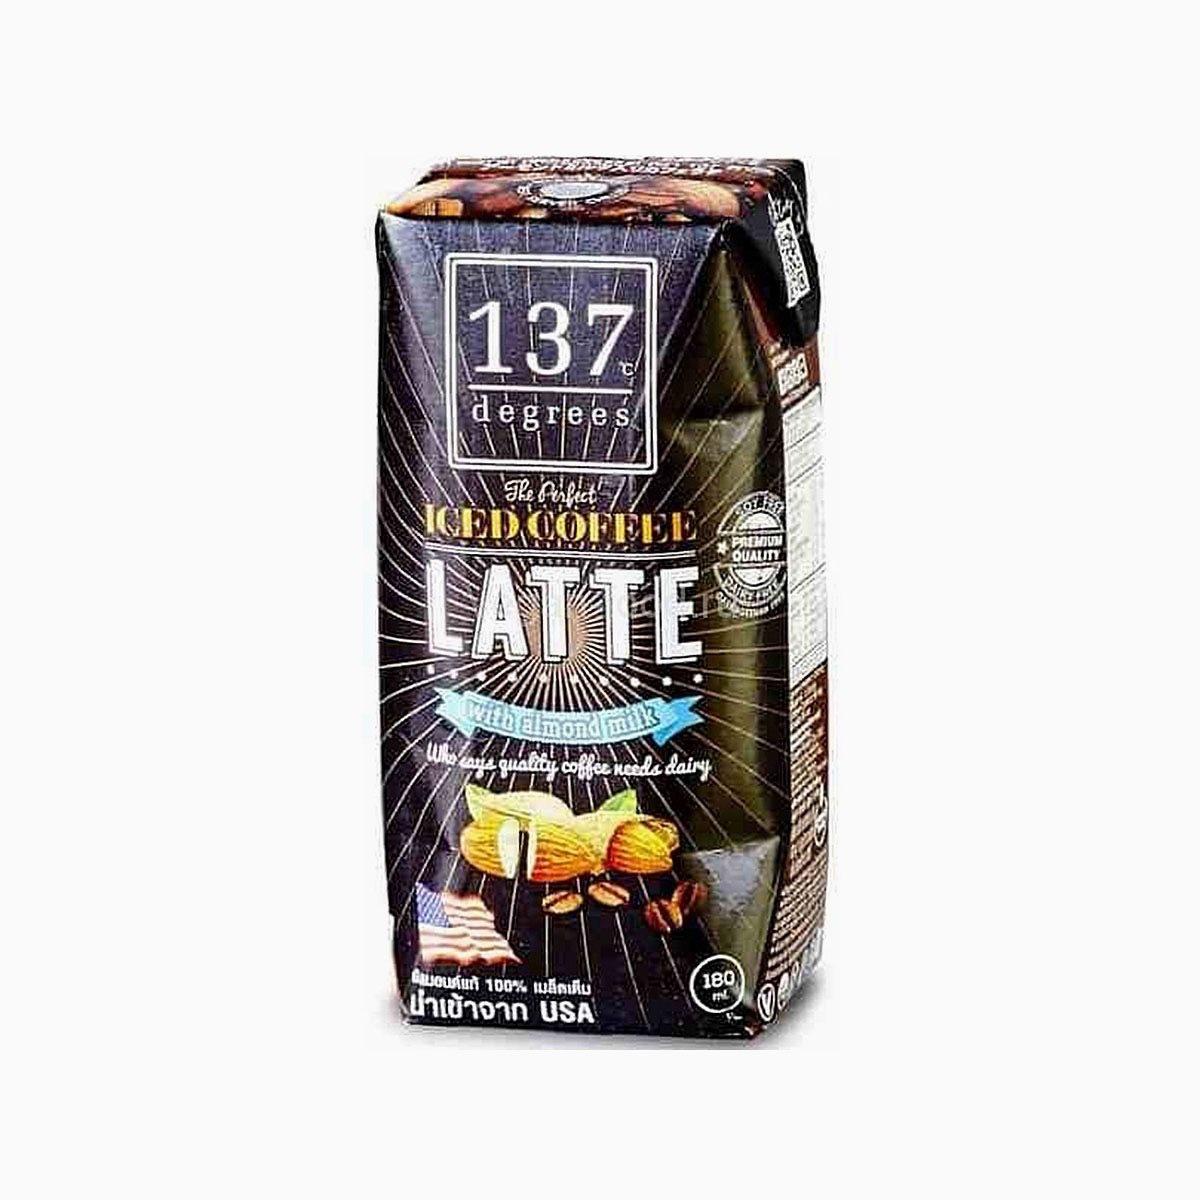 Кофе латте на миндальном молоке, 137 Degrees, 180 мл